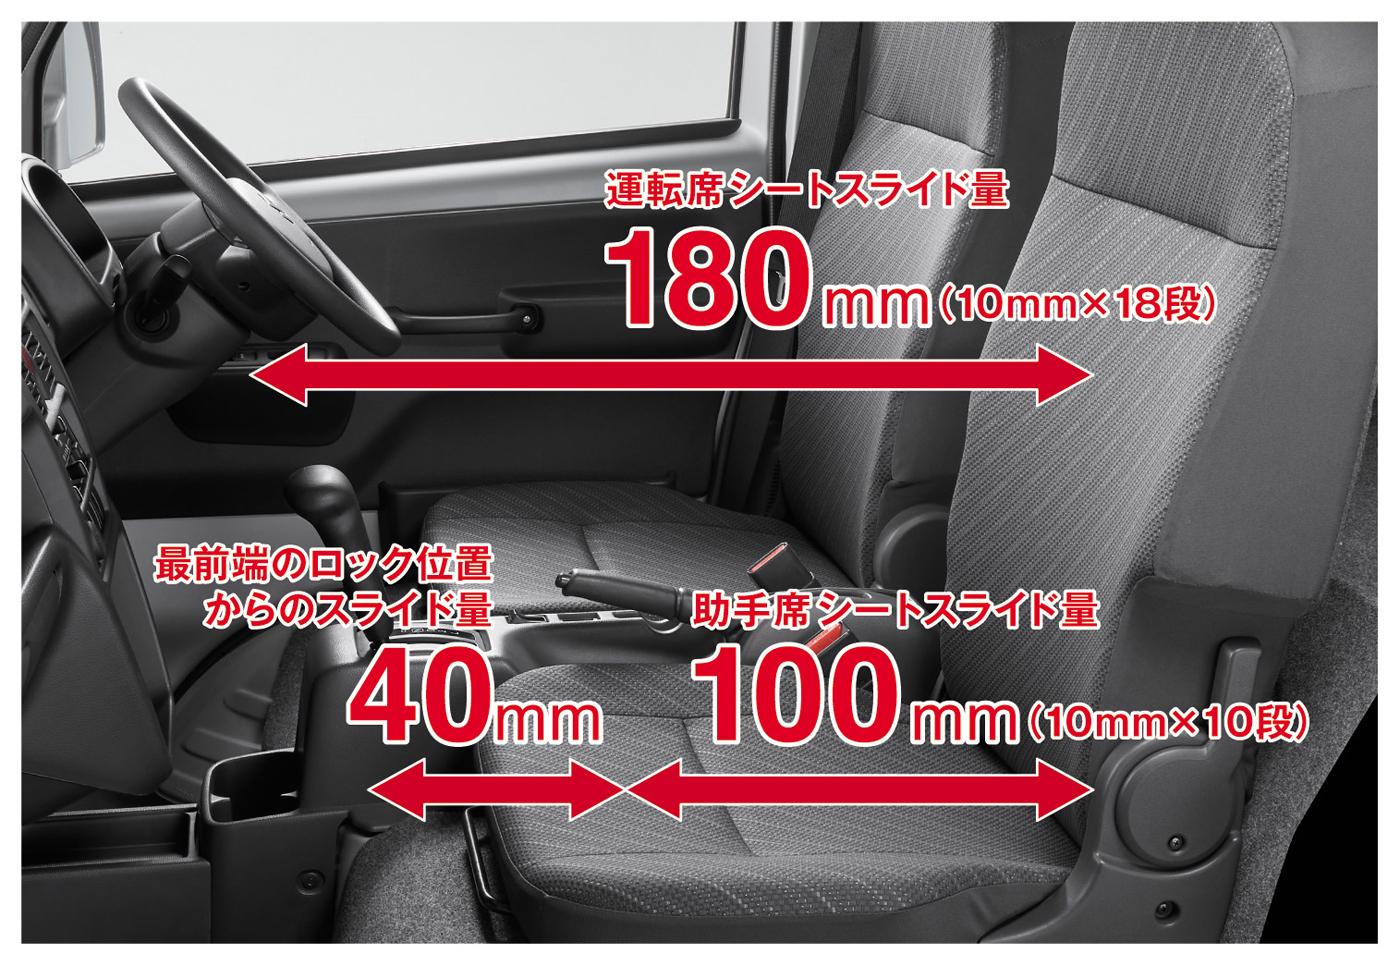 運転席のシートスライド量は最大180mm(10mm×18段)と大幅に伸びた